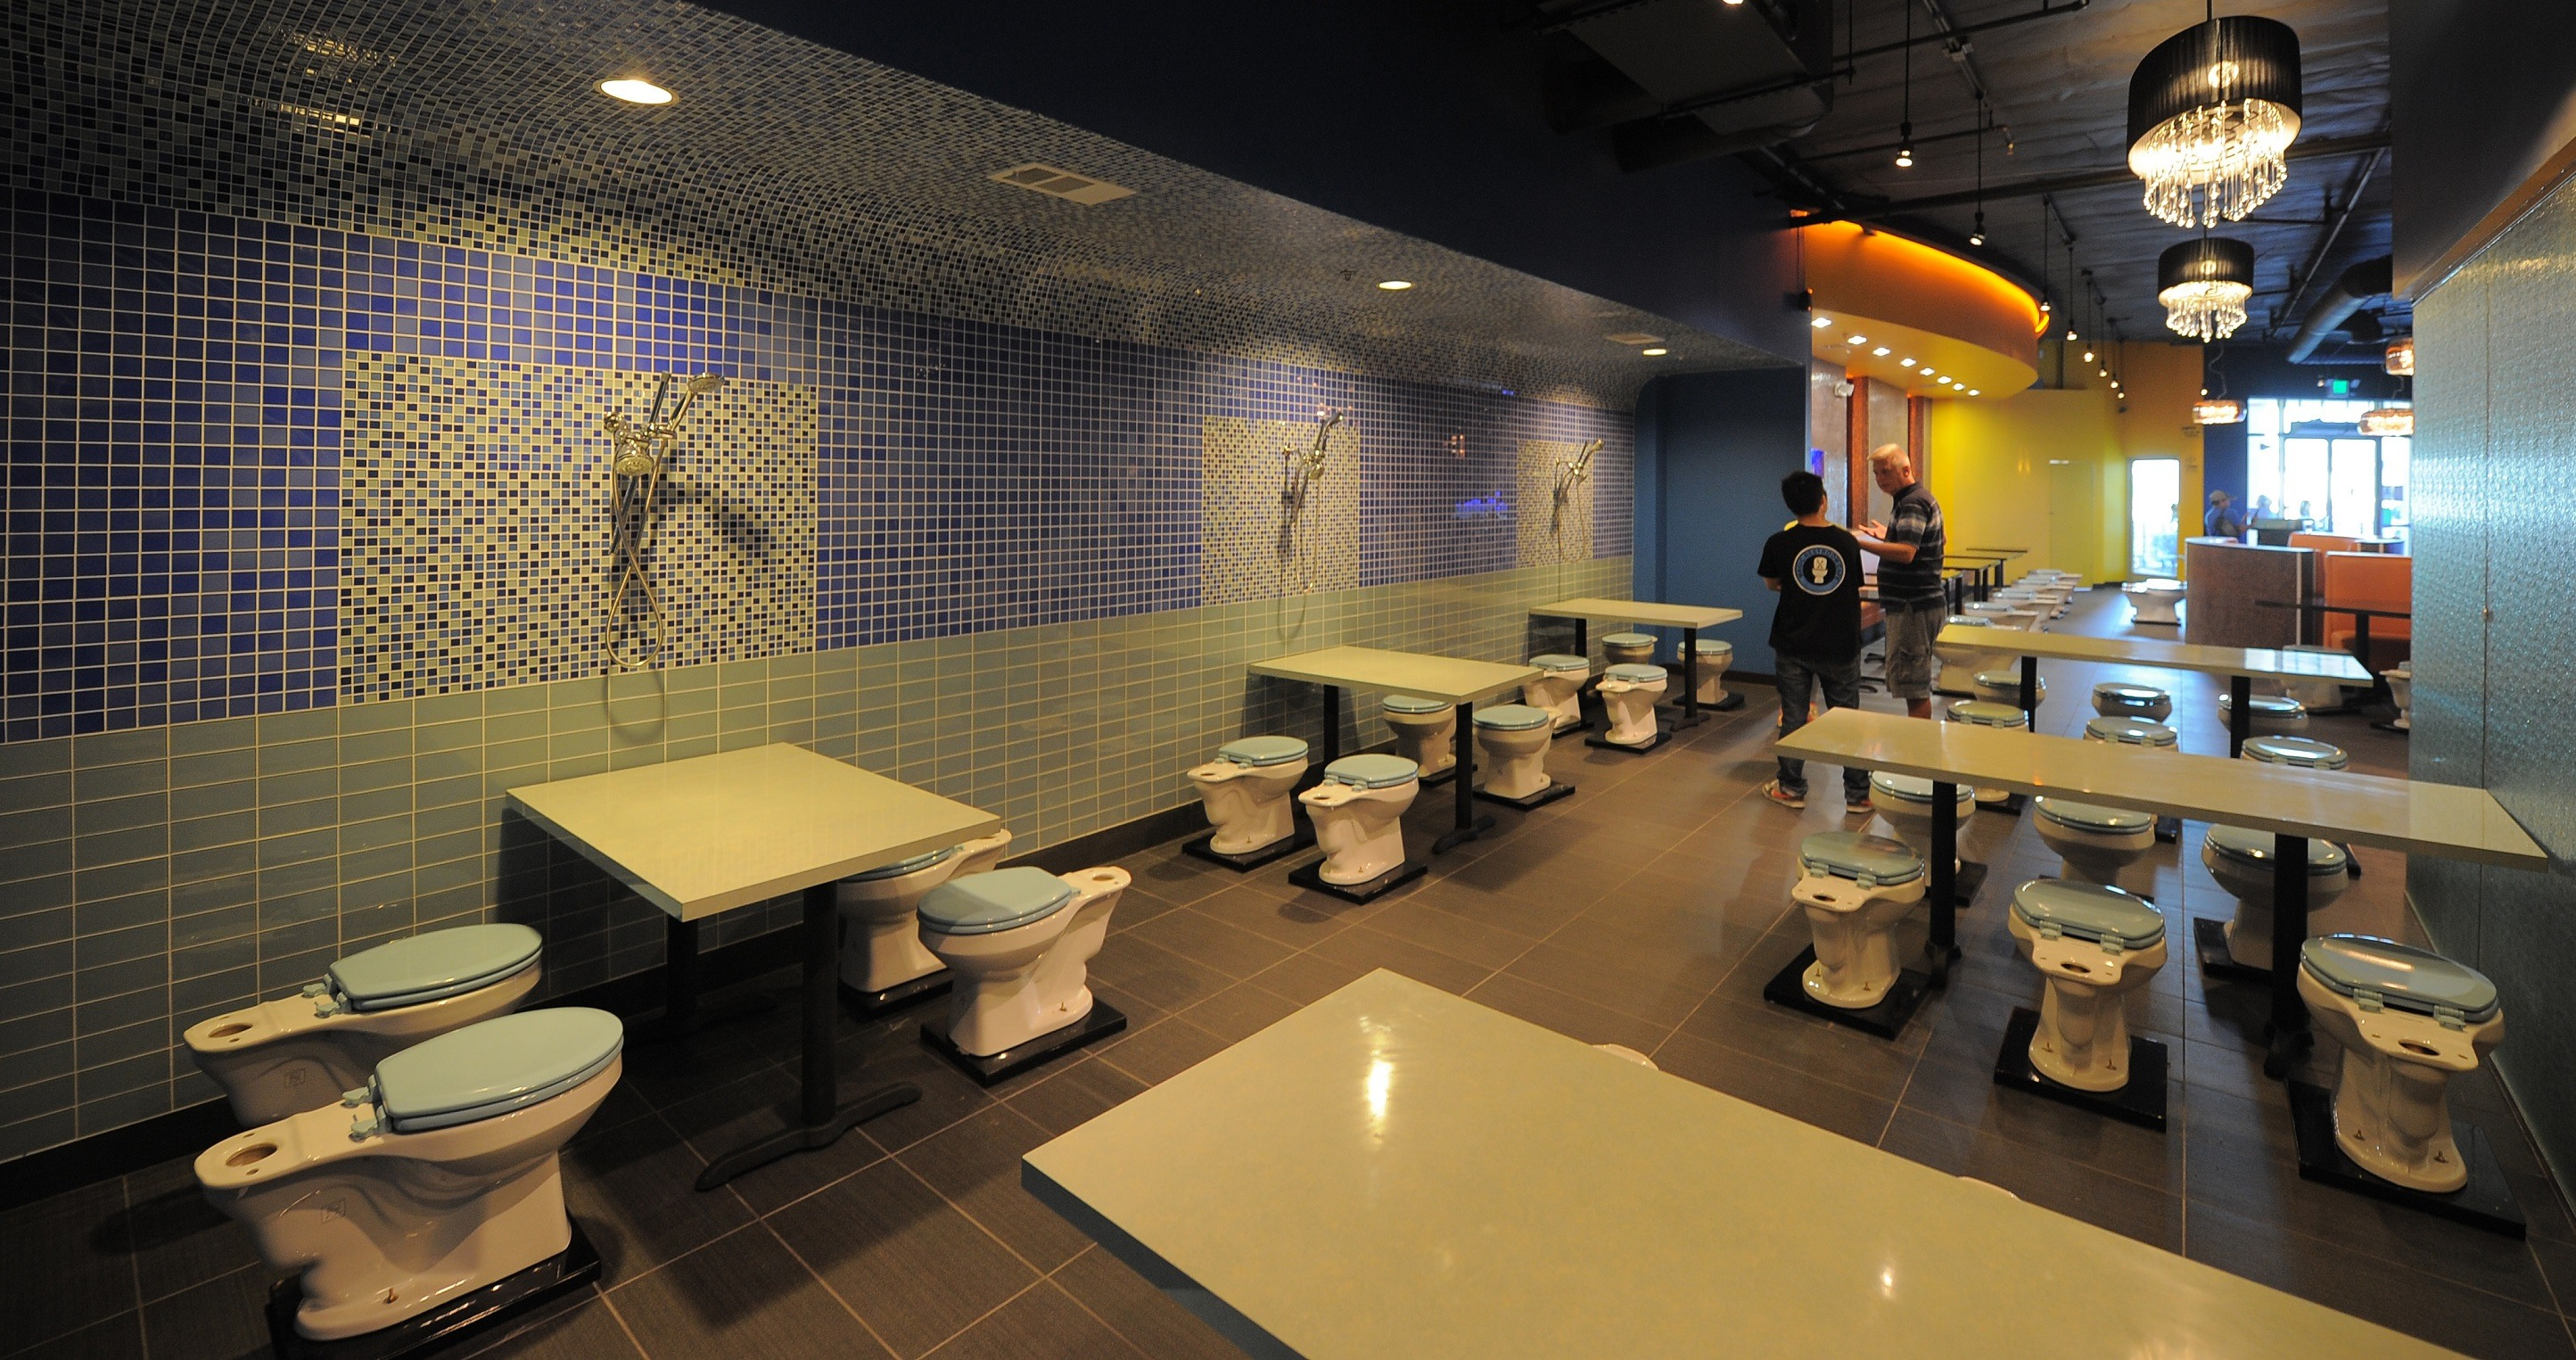 Magic Restroom poop cafe